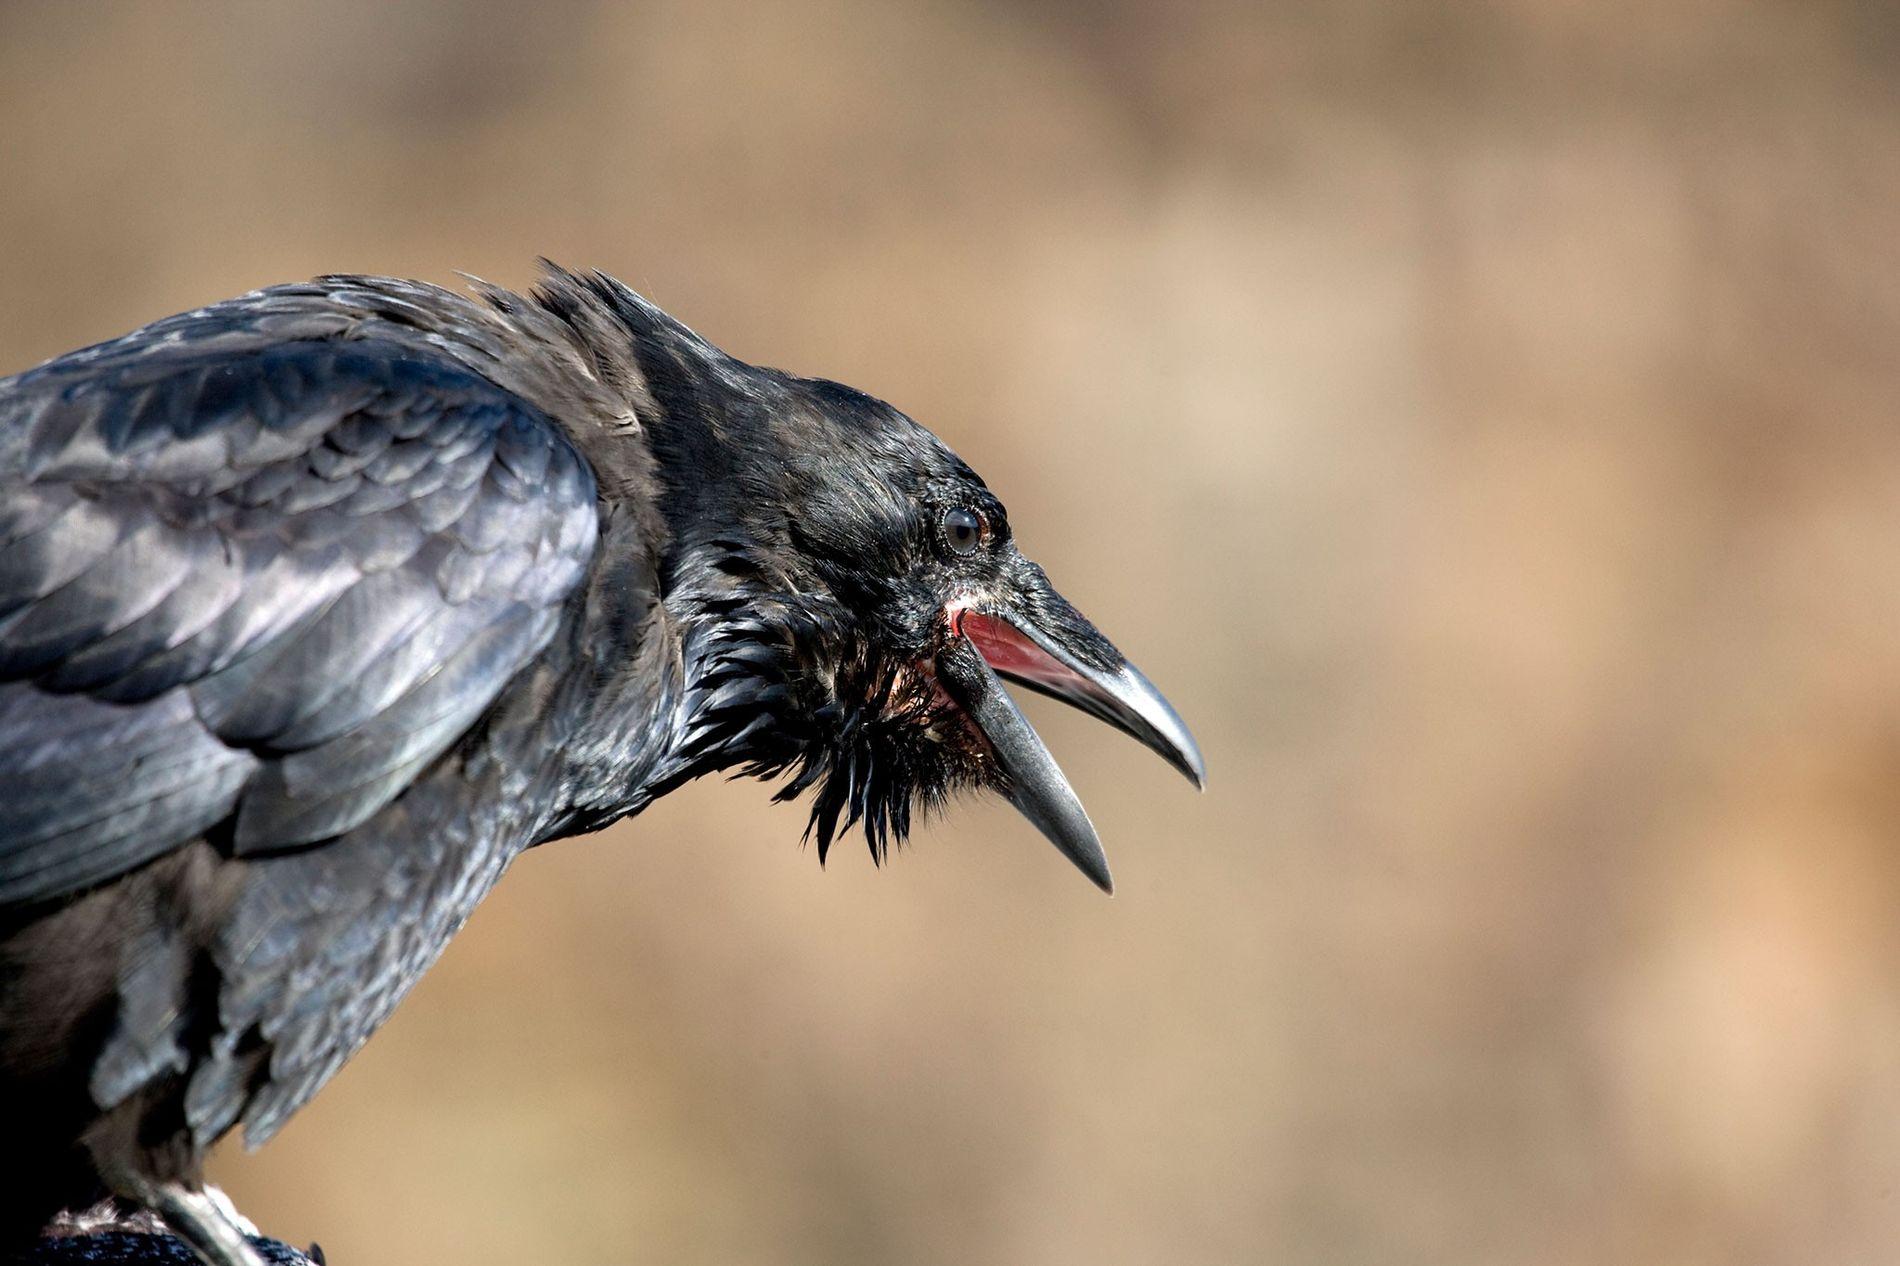 Krähen sind zwar kleiner als Raben, aber sie schließen sich zusammen, um ihre größeren Verwandten zu ...